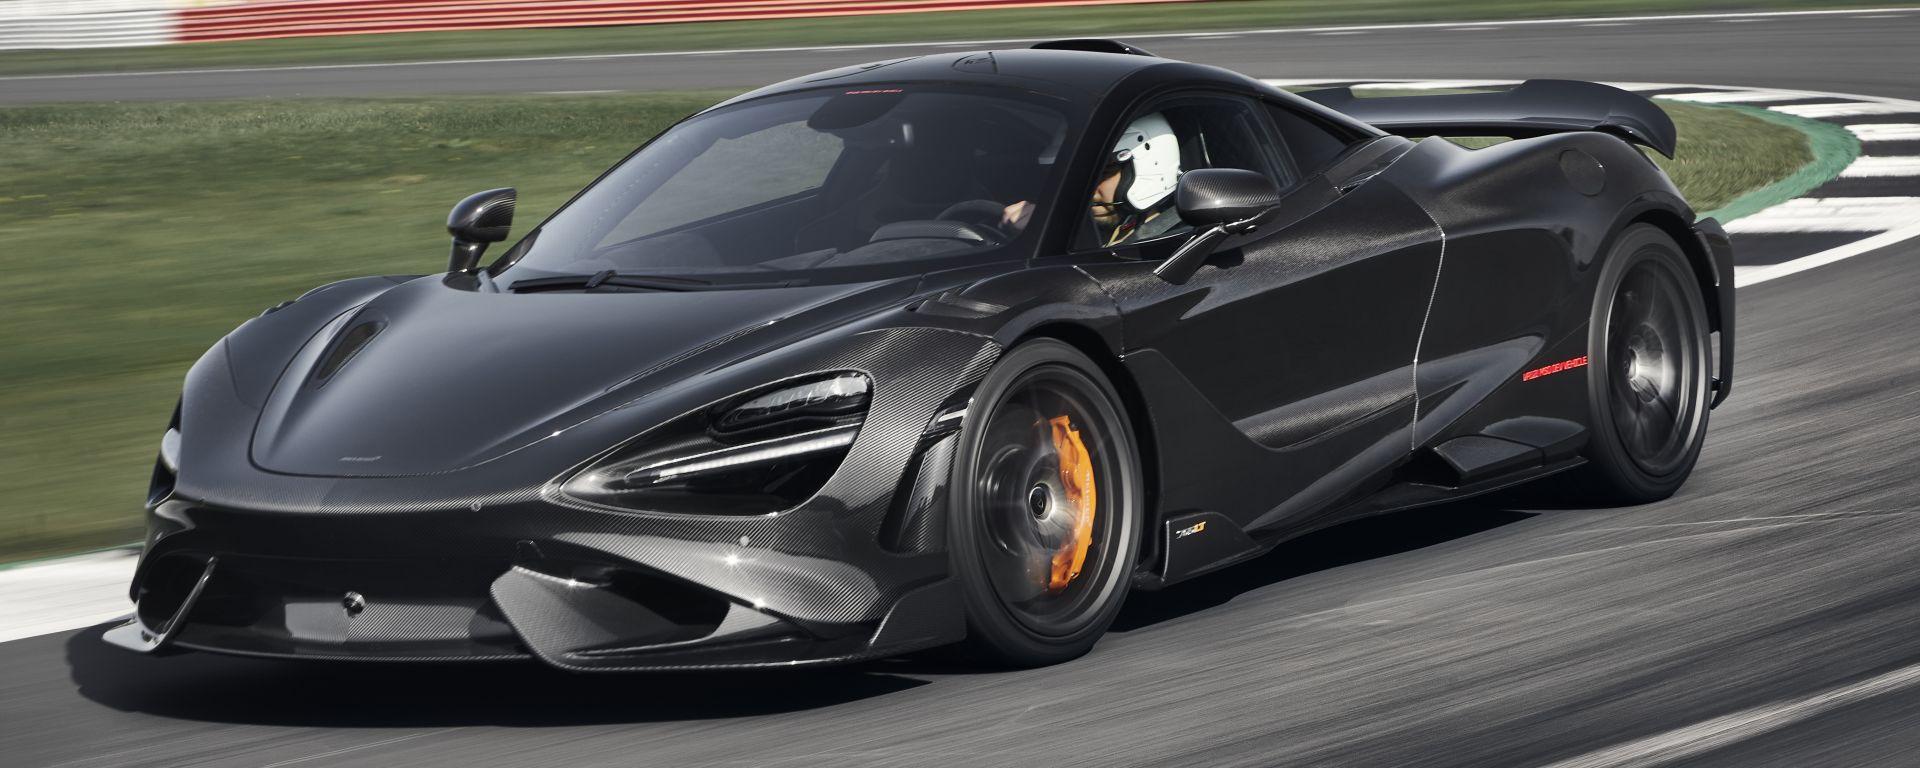 McLaren 765LT: la supercar entra ora in produzione ma... è già finita